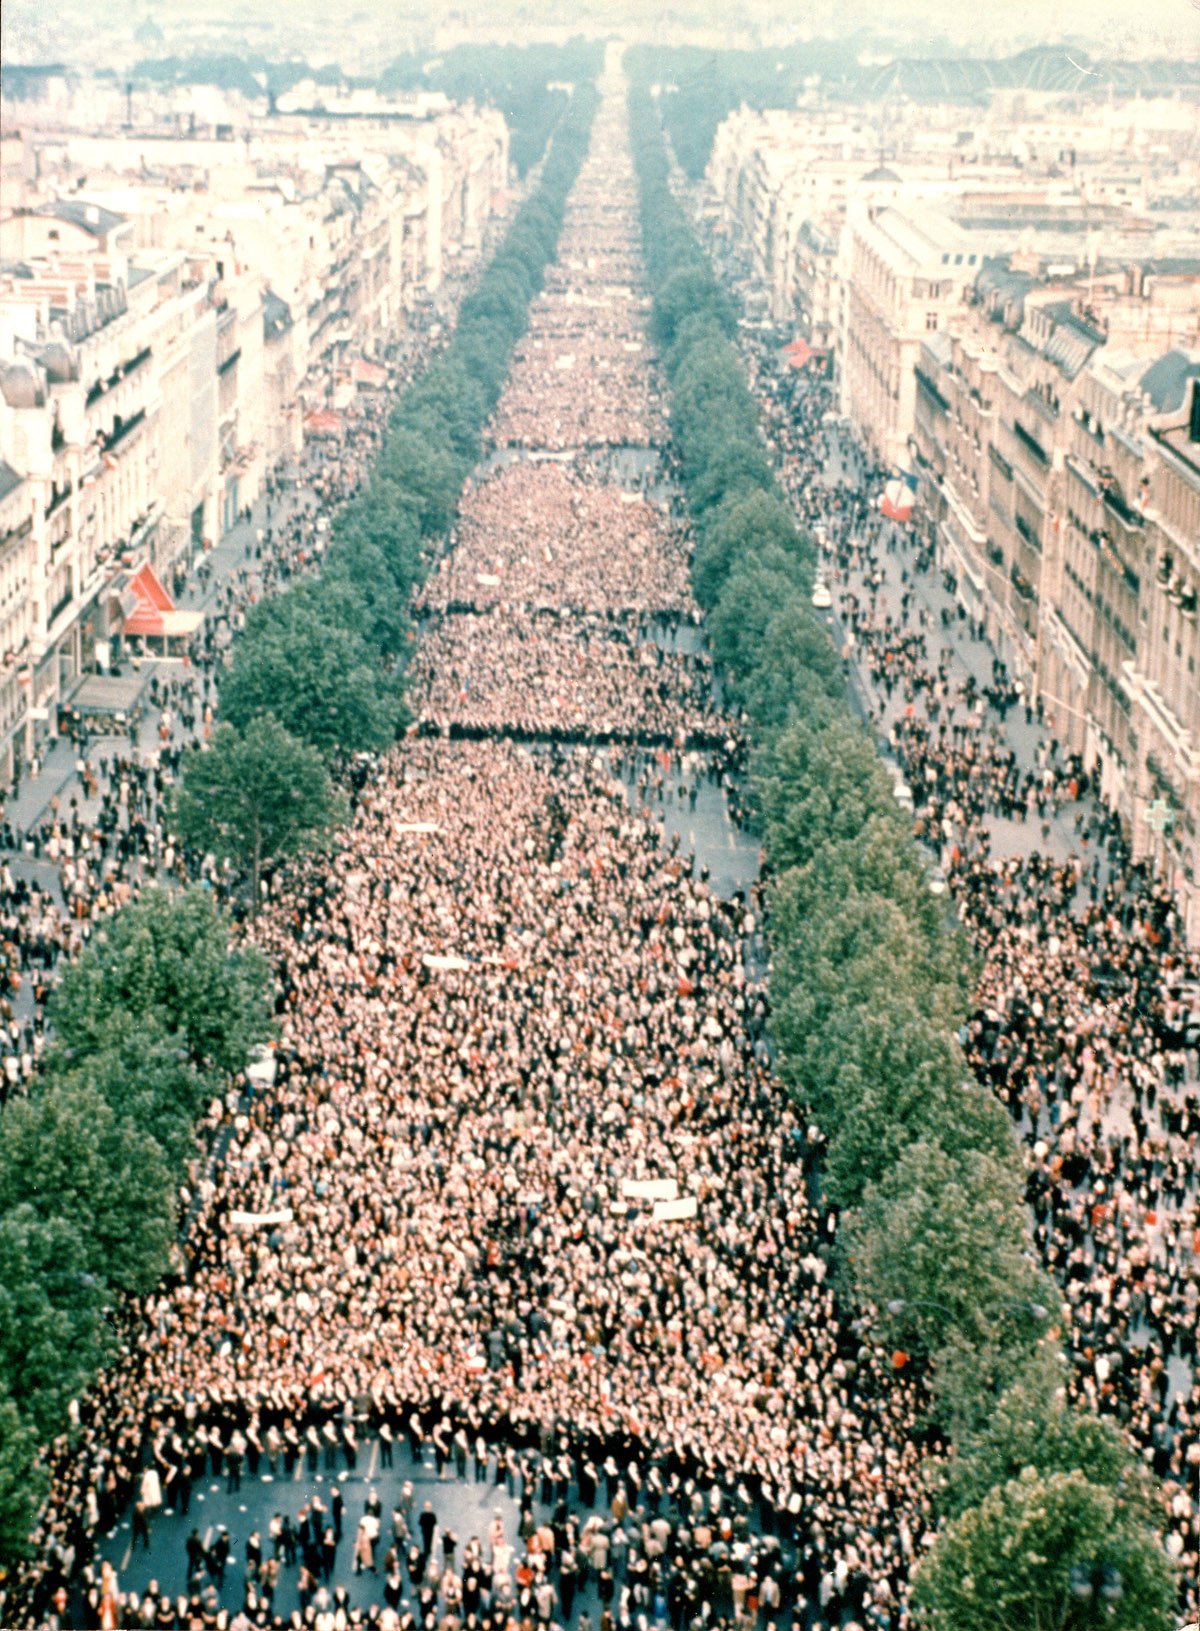 LES LUTTES EN FRANCE vers la restructuration politique (Gilets jaunes) : les débats continués 17 déc.- mars 2019 A_30_mai_1968